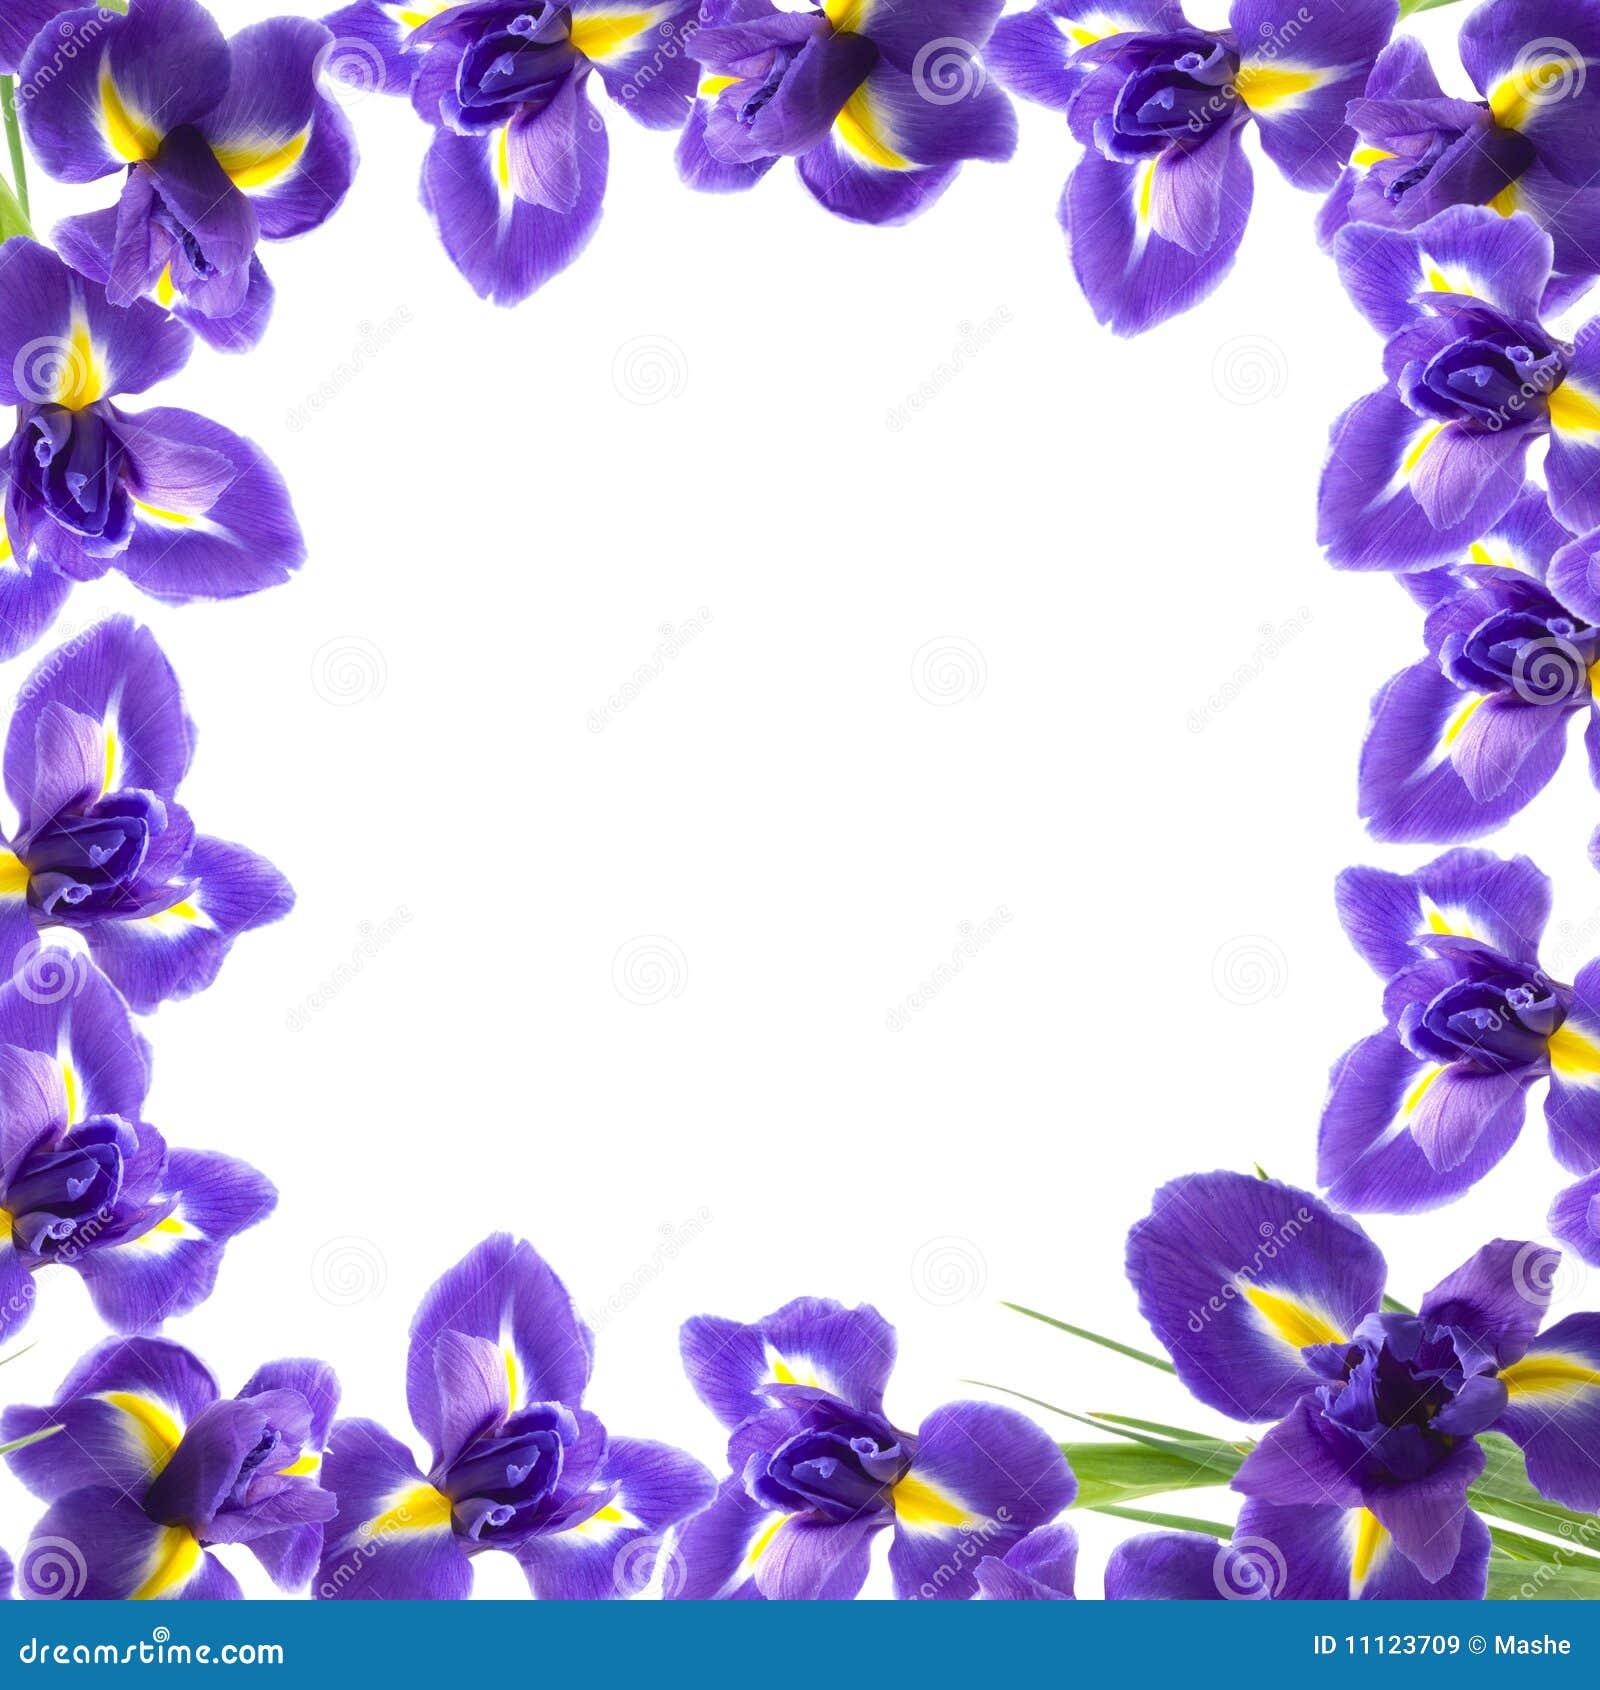 Encantador Flores Frescas Para Colorear Modelo - Dibujos Para ...